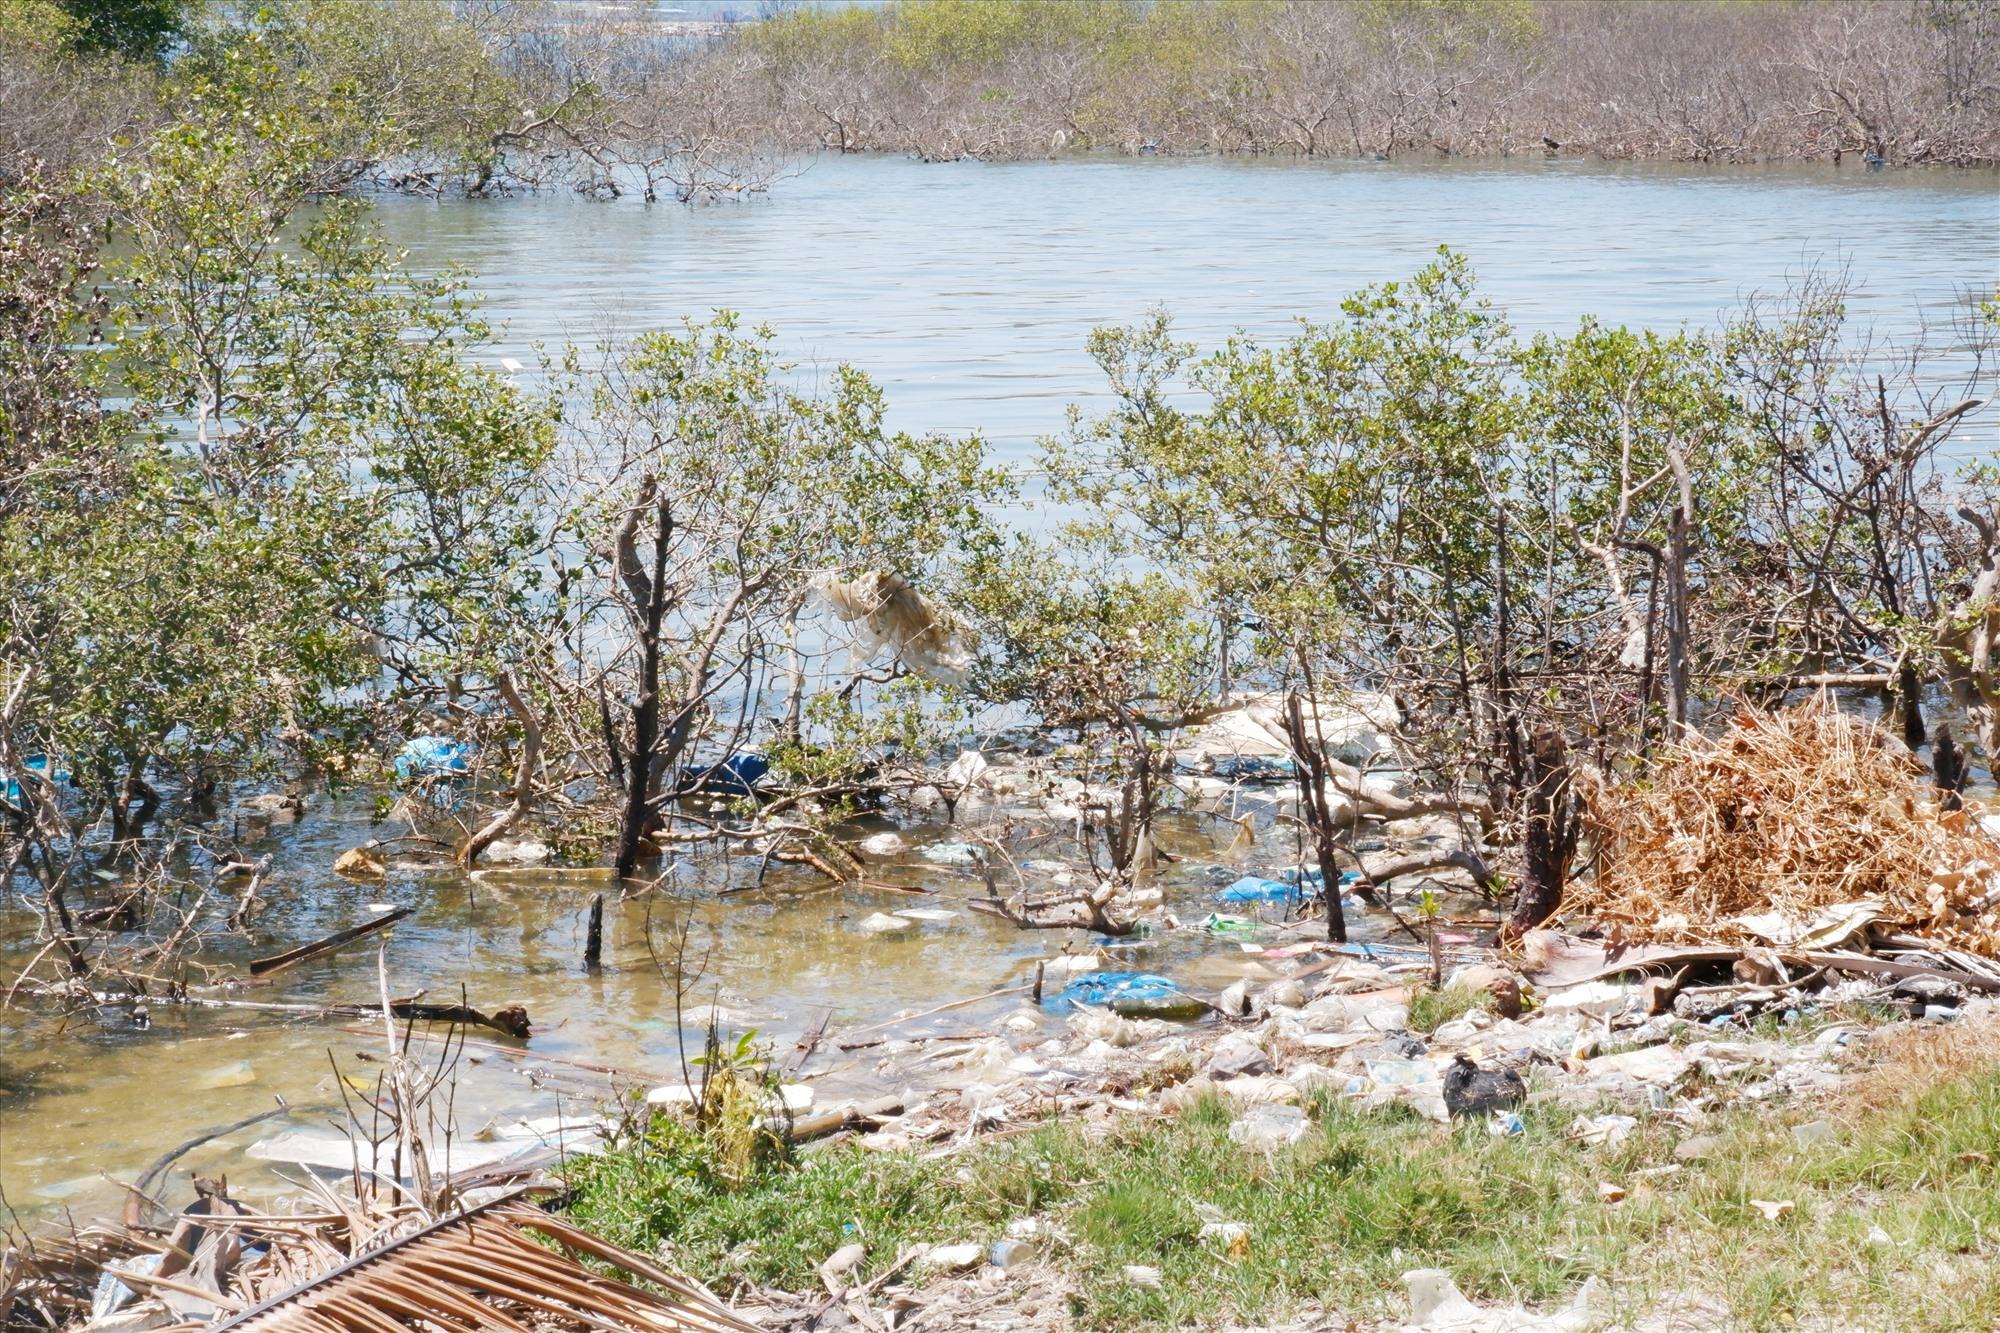 Tam Giang hiện có đến 5 héc ta rừng chết. Ảnh: X.H